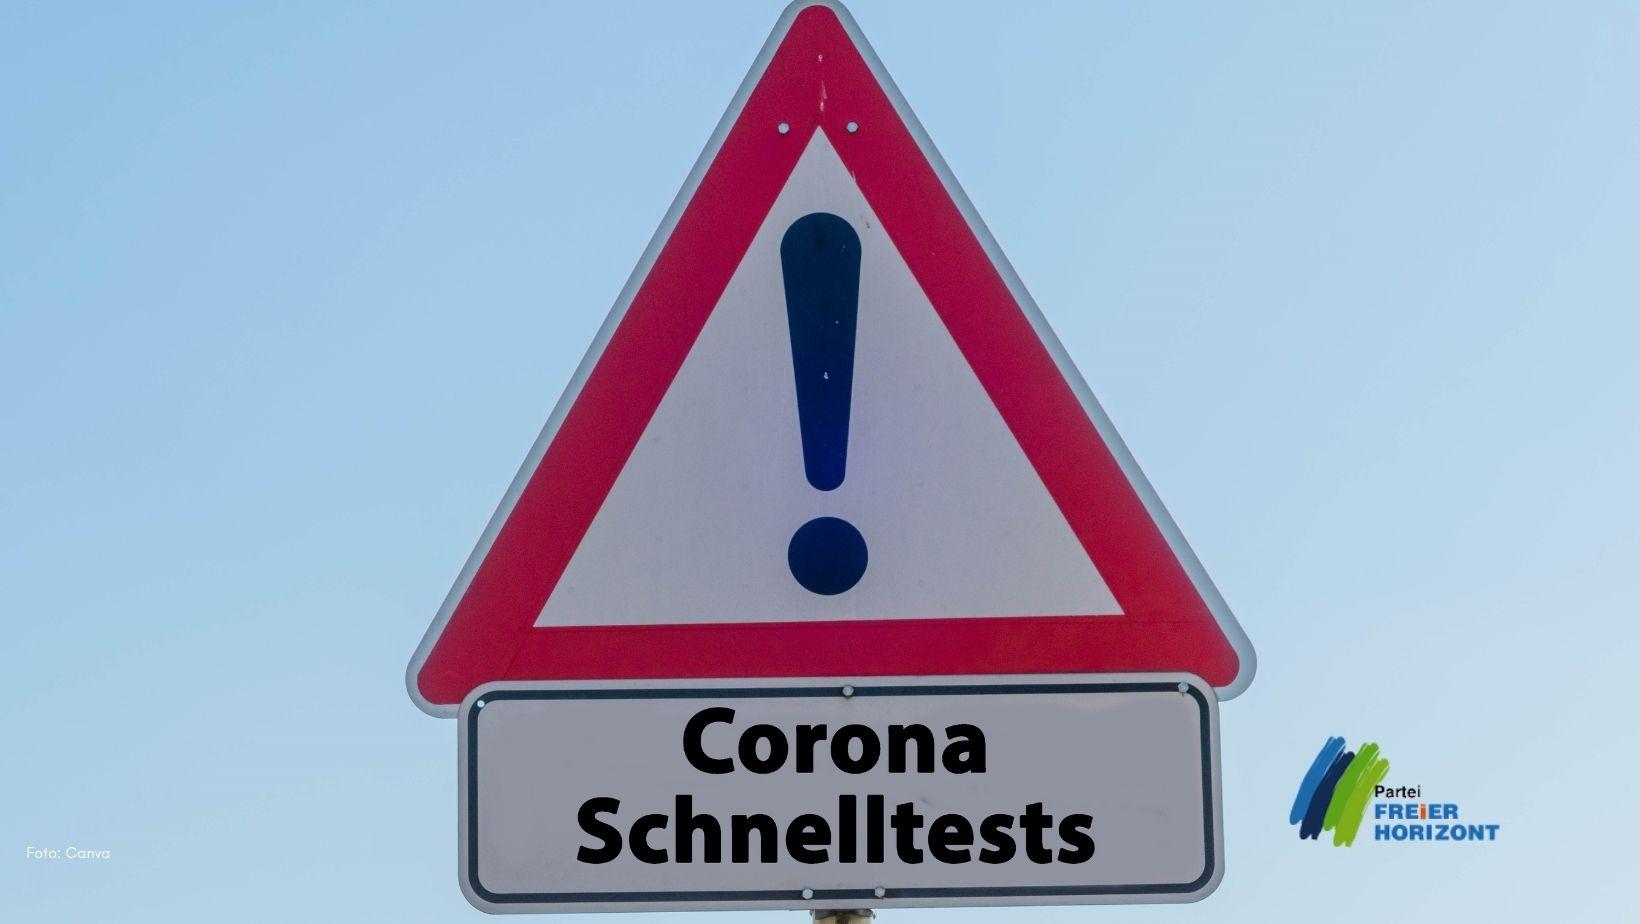 Covid Schnellstest MP Schwesig Freier horizont